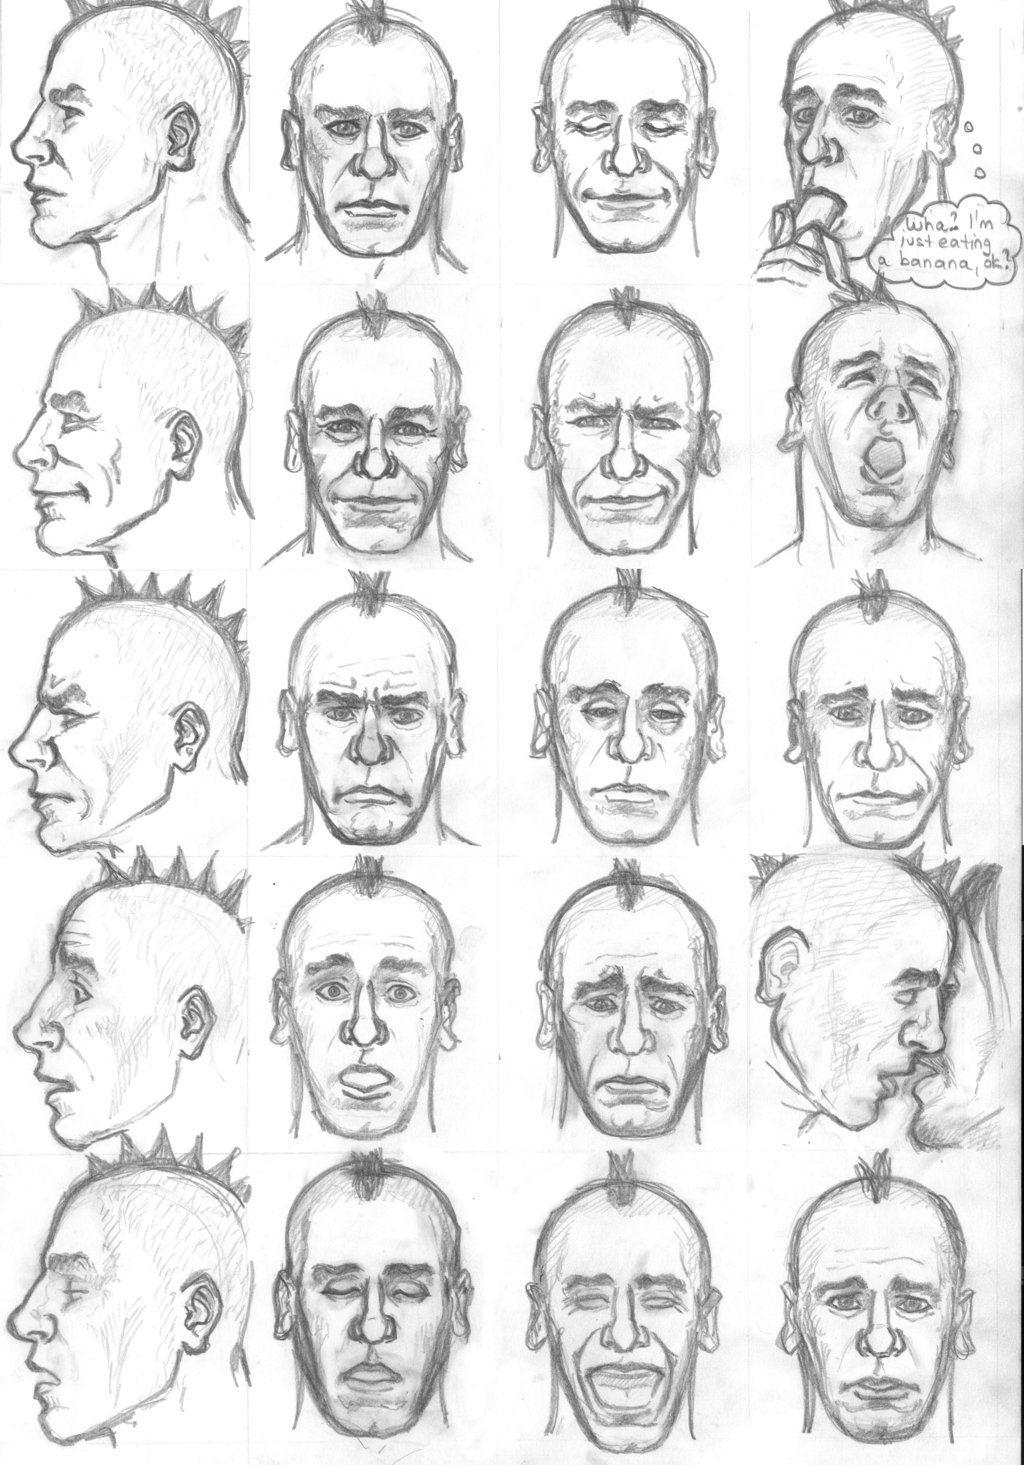 мимика лица рисунок смысл обратить внимание